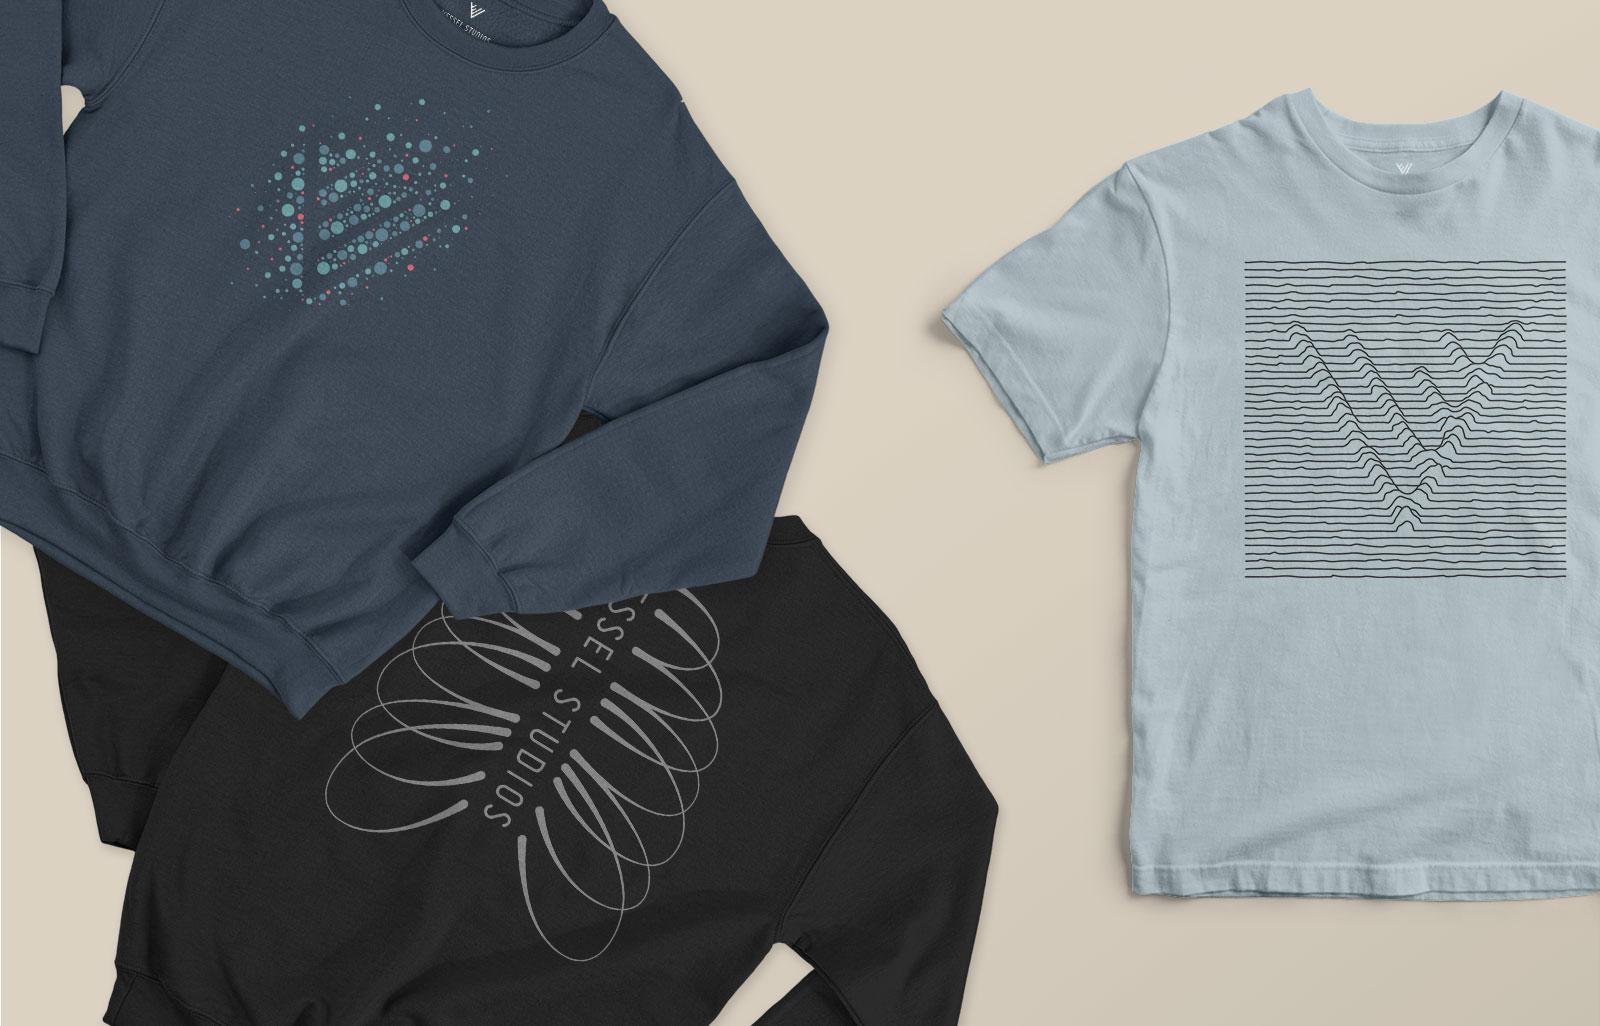 Vessel Studios T-Shirt Design